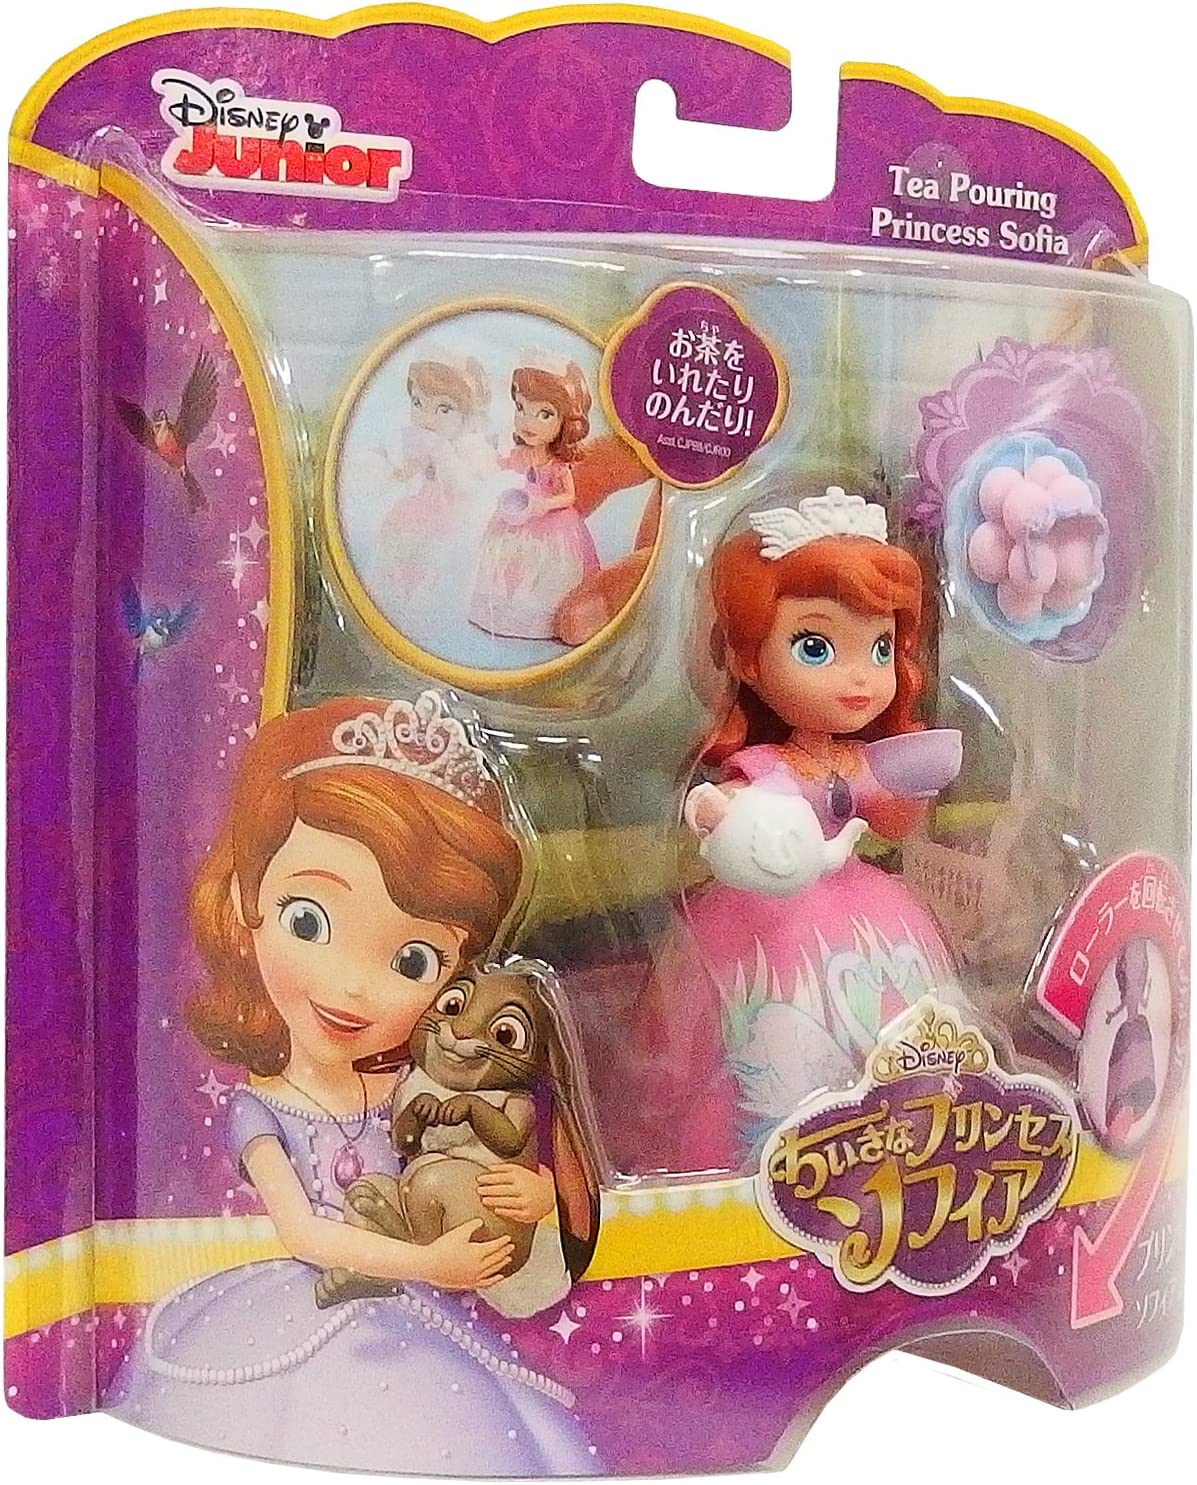 Disney princess sofia le premier en formation PJ/'s 4-5 ans neuf en boîte